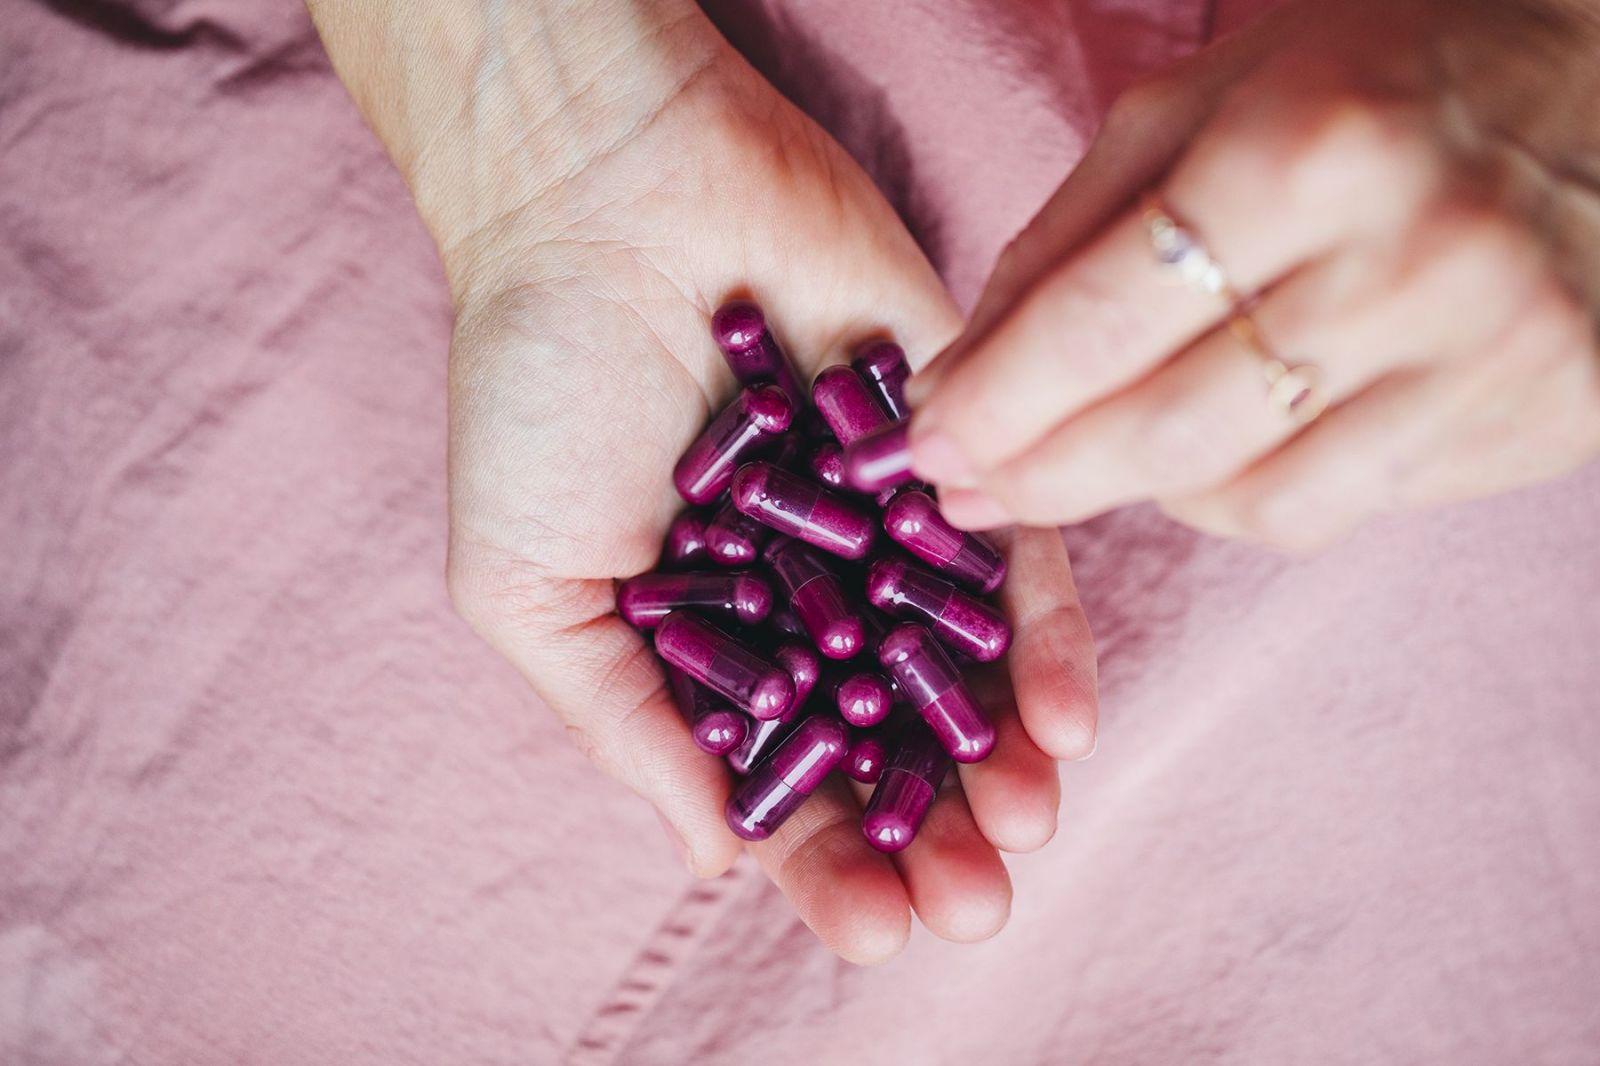 Kapsule Puori V sú zafarbené koncentrátom z fialovej mrkvy